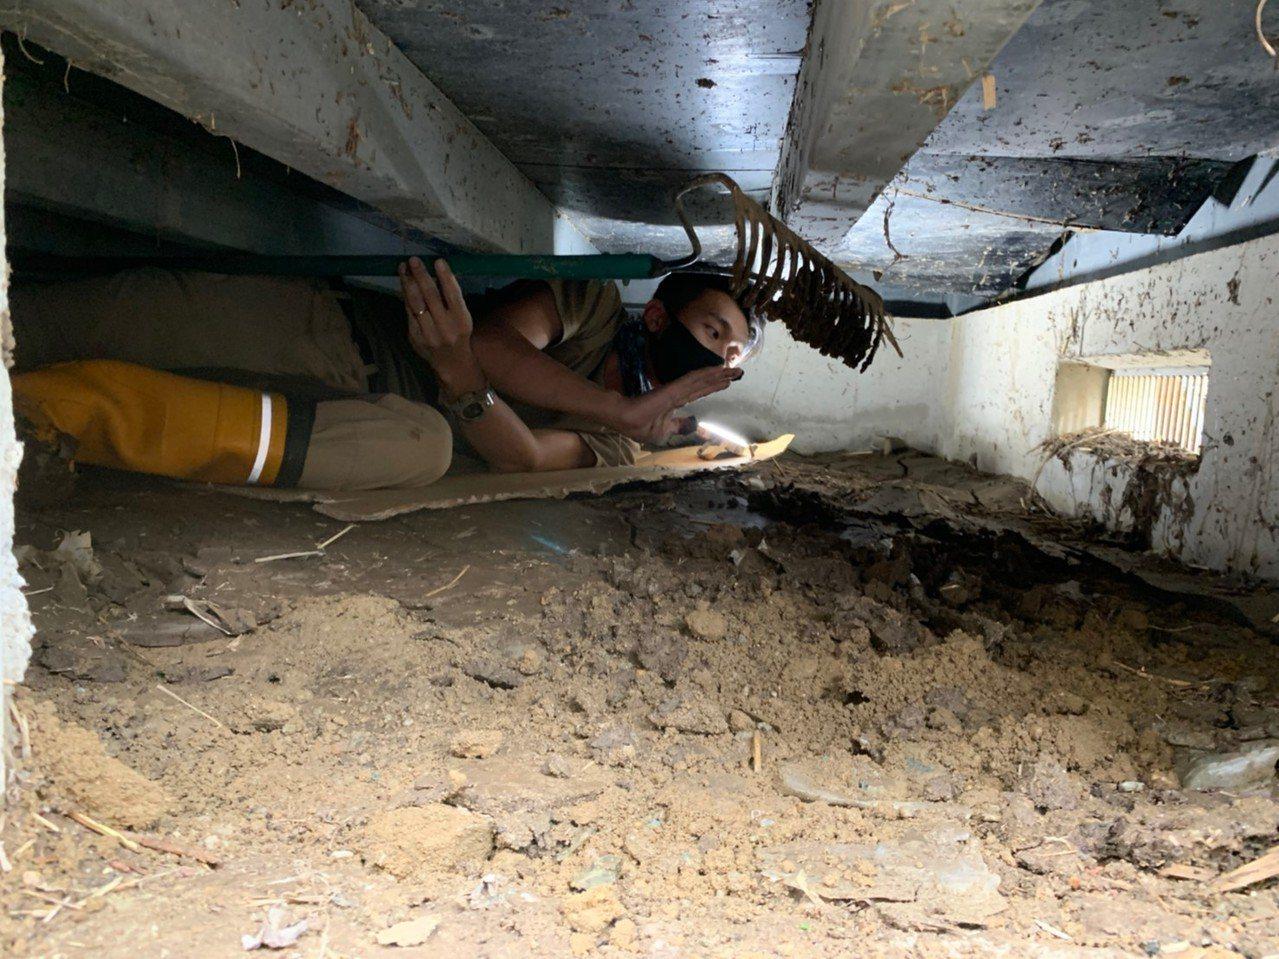 台南人陳一銘上個月組成志工團隊,前往日本丸森,協助當地水災善後,志工鑽進房子底下...